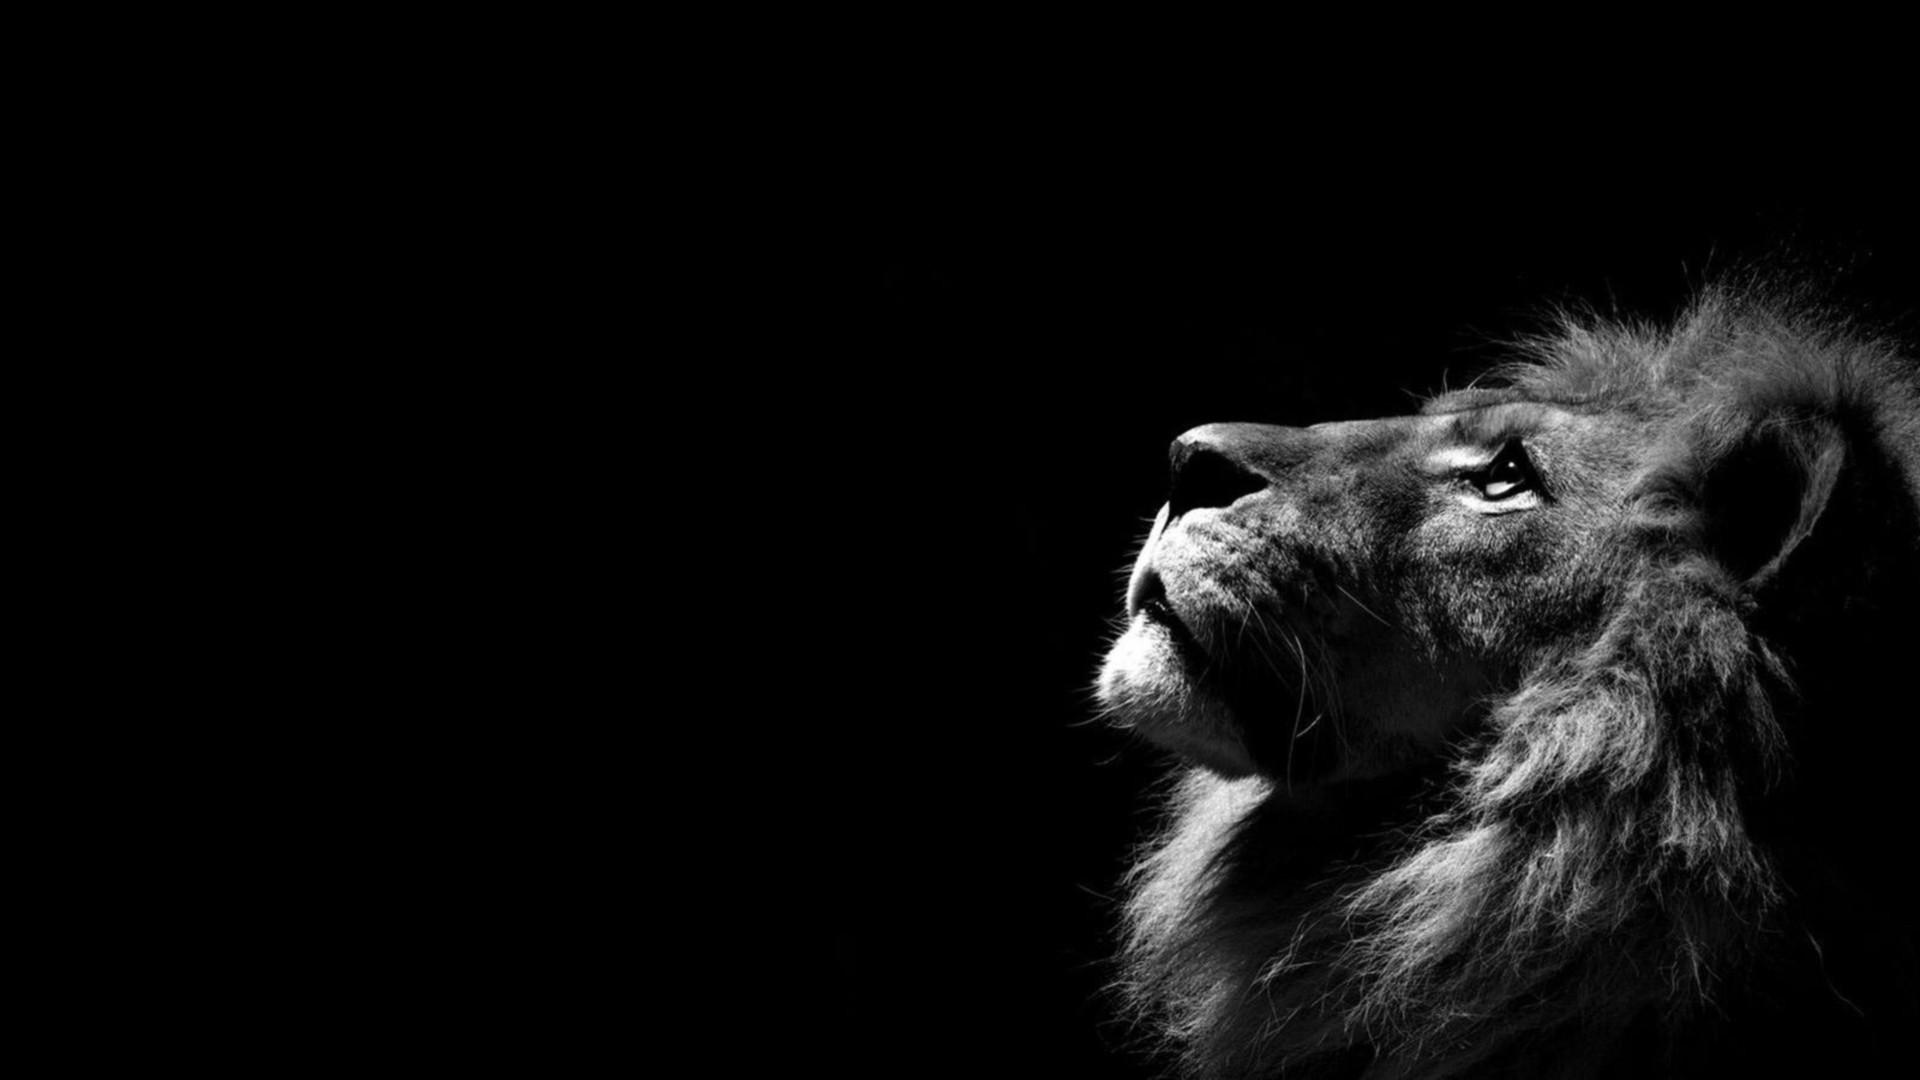 Download Free Lion Black Lion Wallpaper Hd 1920x1080 Download Hd Wallpaper Wallpapertip